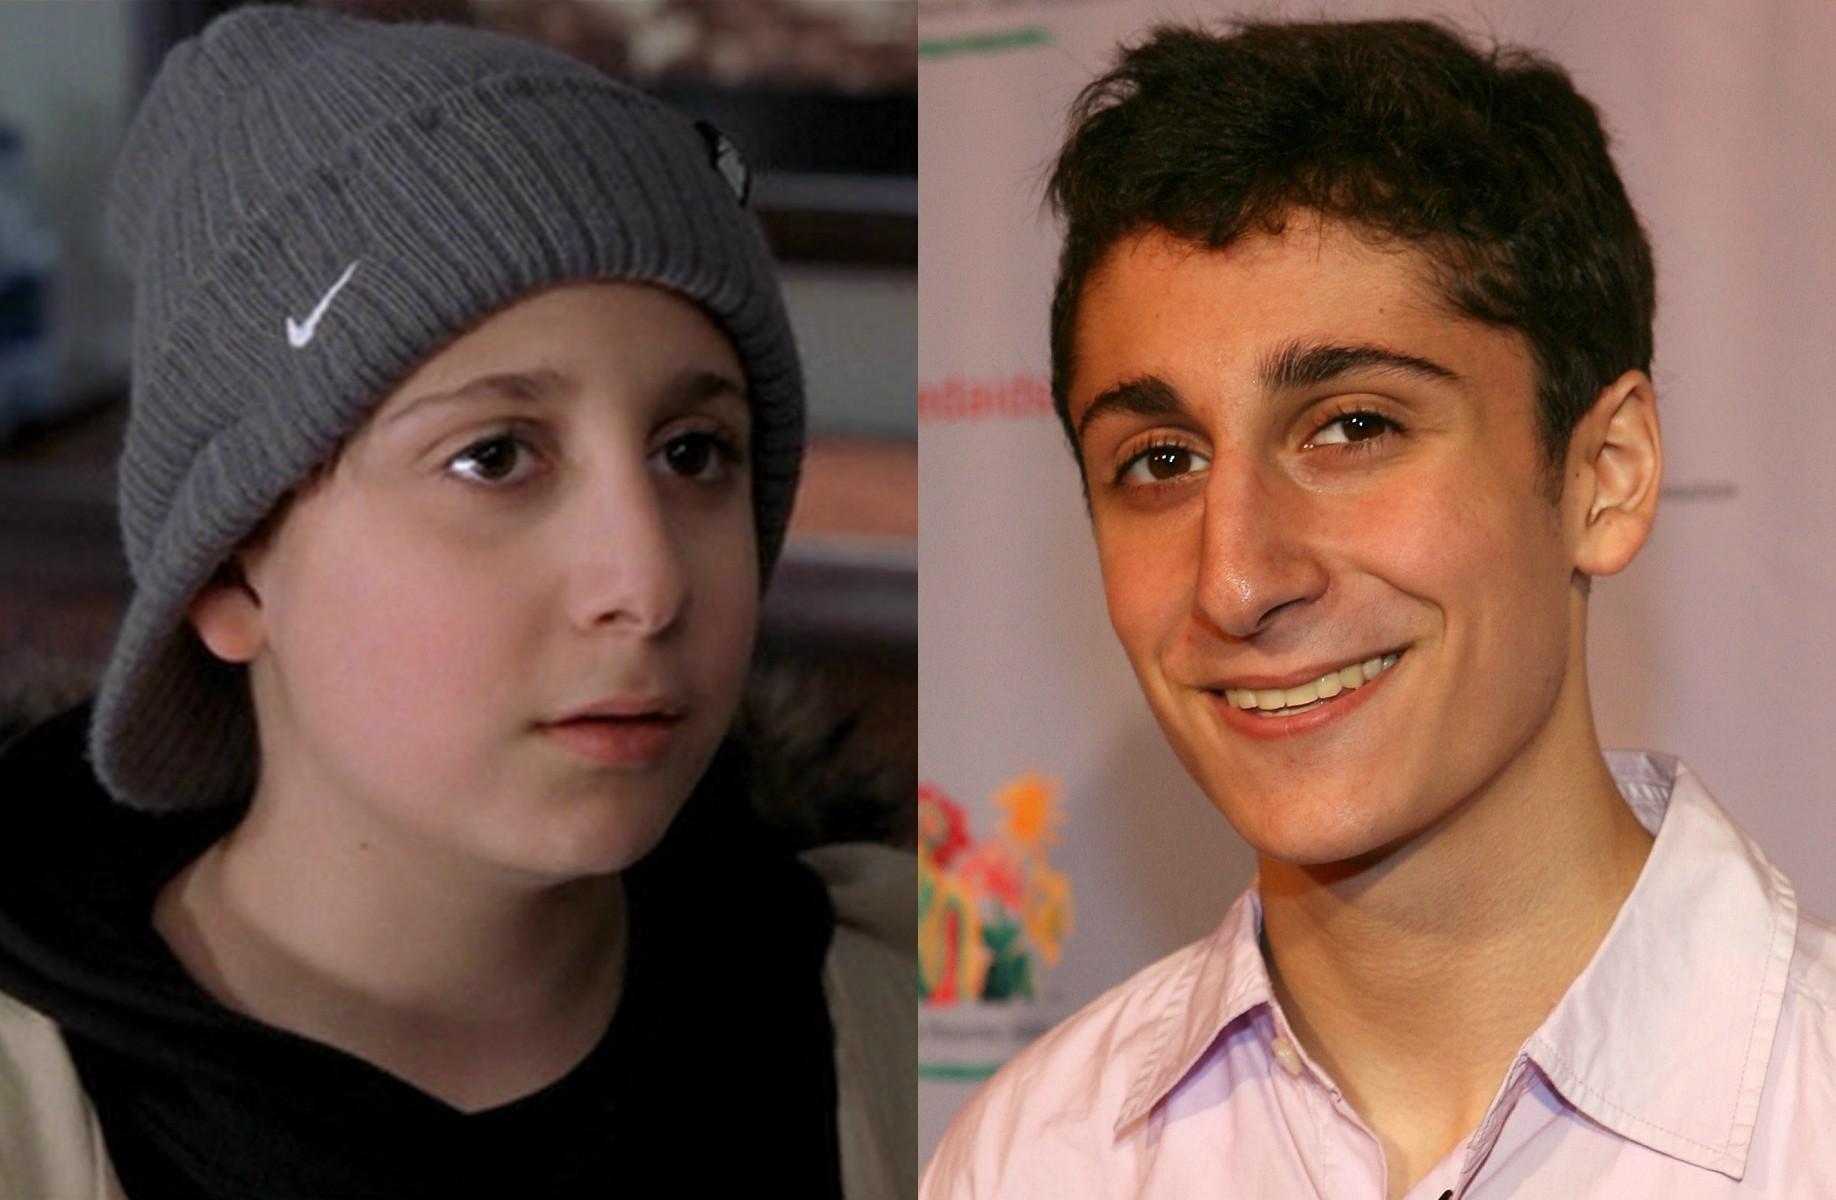 Daniel Tay em 'Um Duende em Nova York' (2003) e hoje, com 22 anos. (Foto: Reprodução e Getty Images)